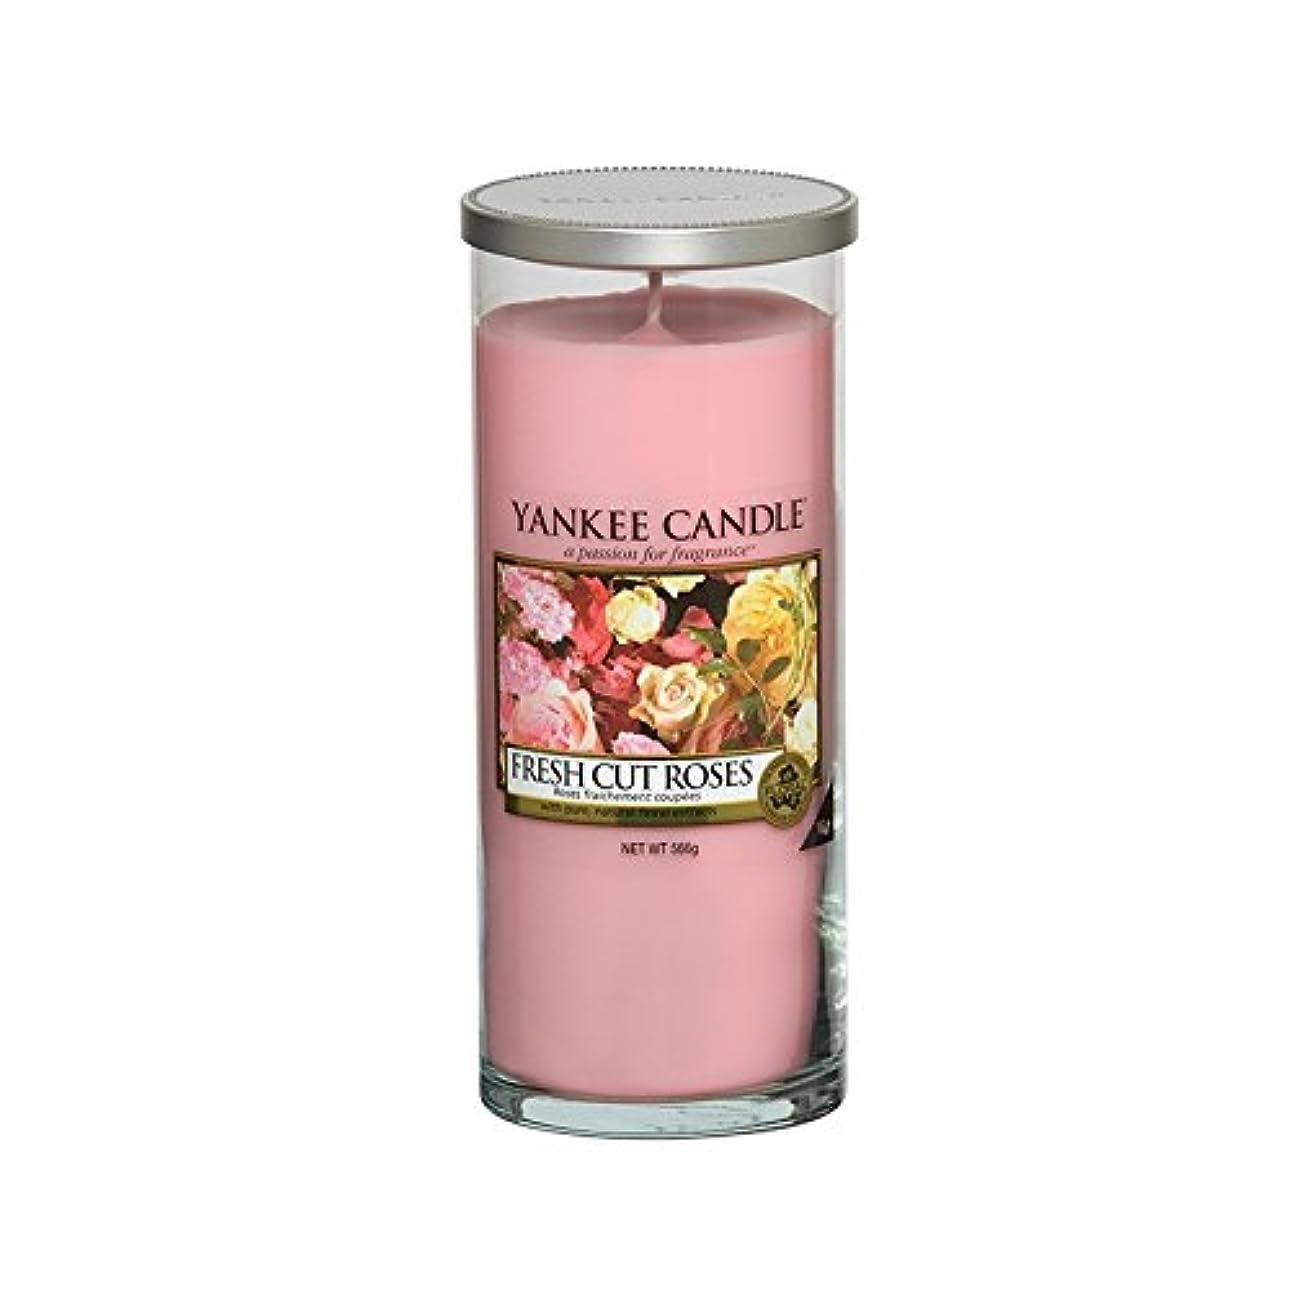 通行料金悲しみ屋内Yankee Candles Large Pillar Candle - Fresh Cut Roses (Pack of 6) - ヤンキーキャンドル大きな柱キャンドル - 新鮮なバラ切り花 (x6) [並行輸入品]